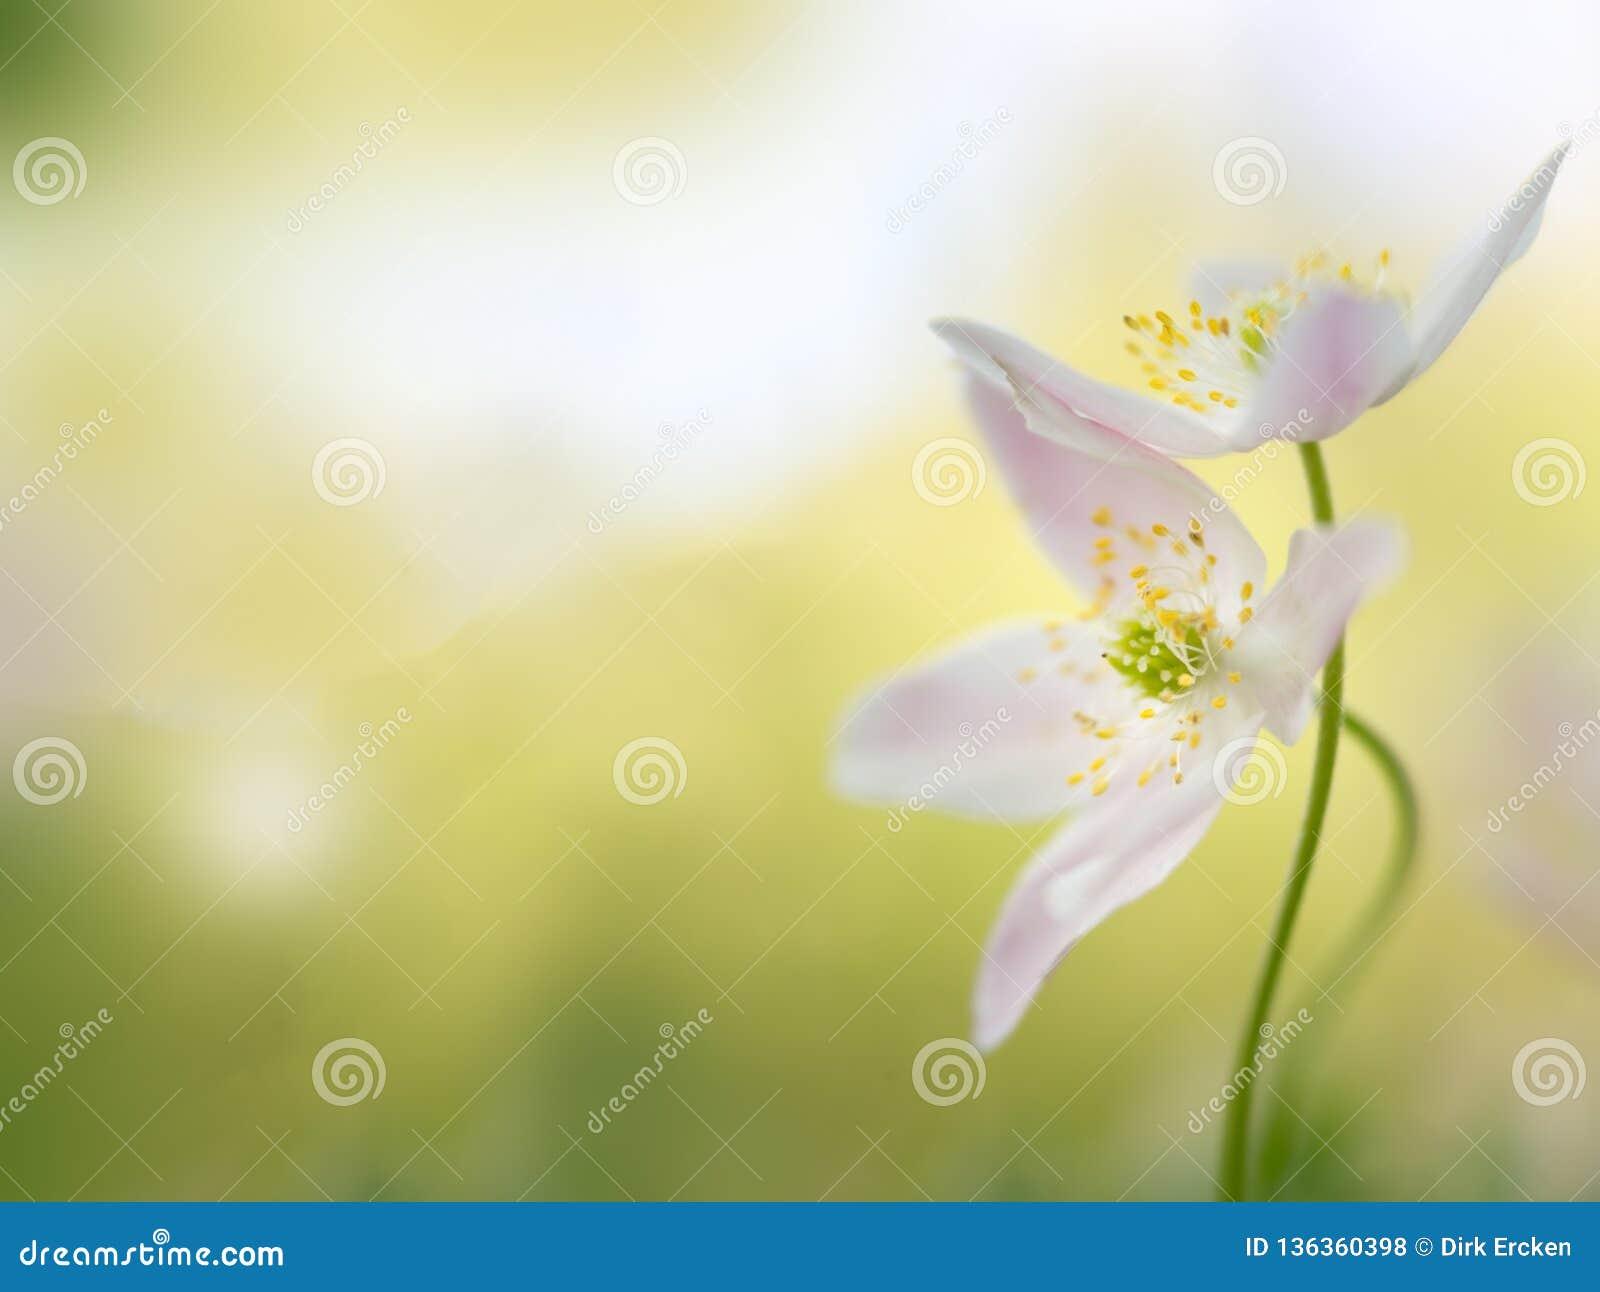 Buschwindröschen - Makro eines Vorfrühlingsblumenpaares